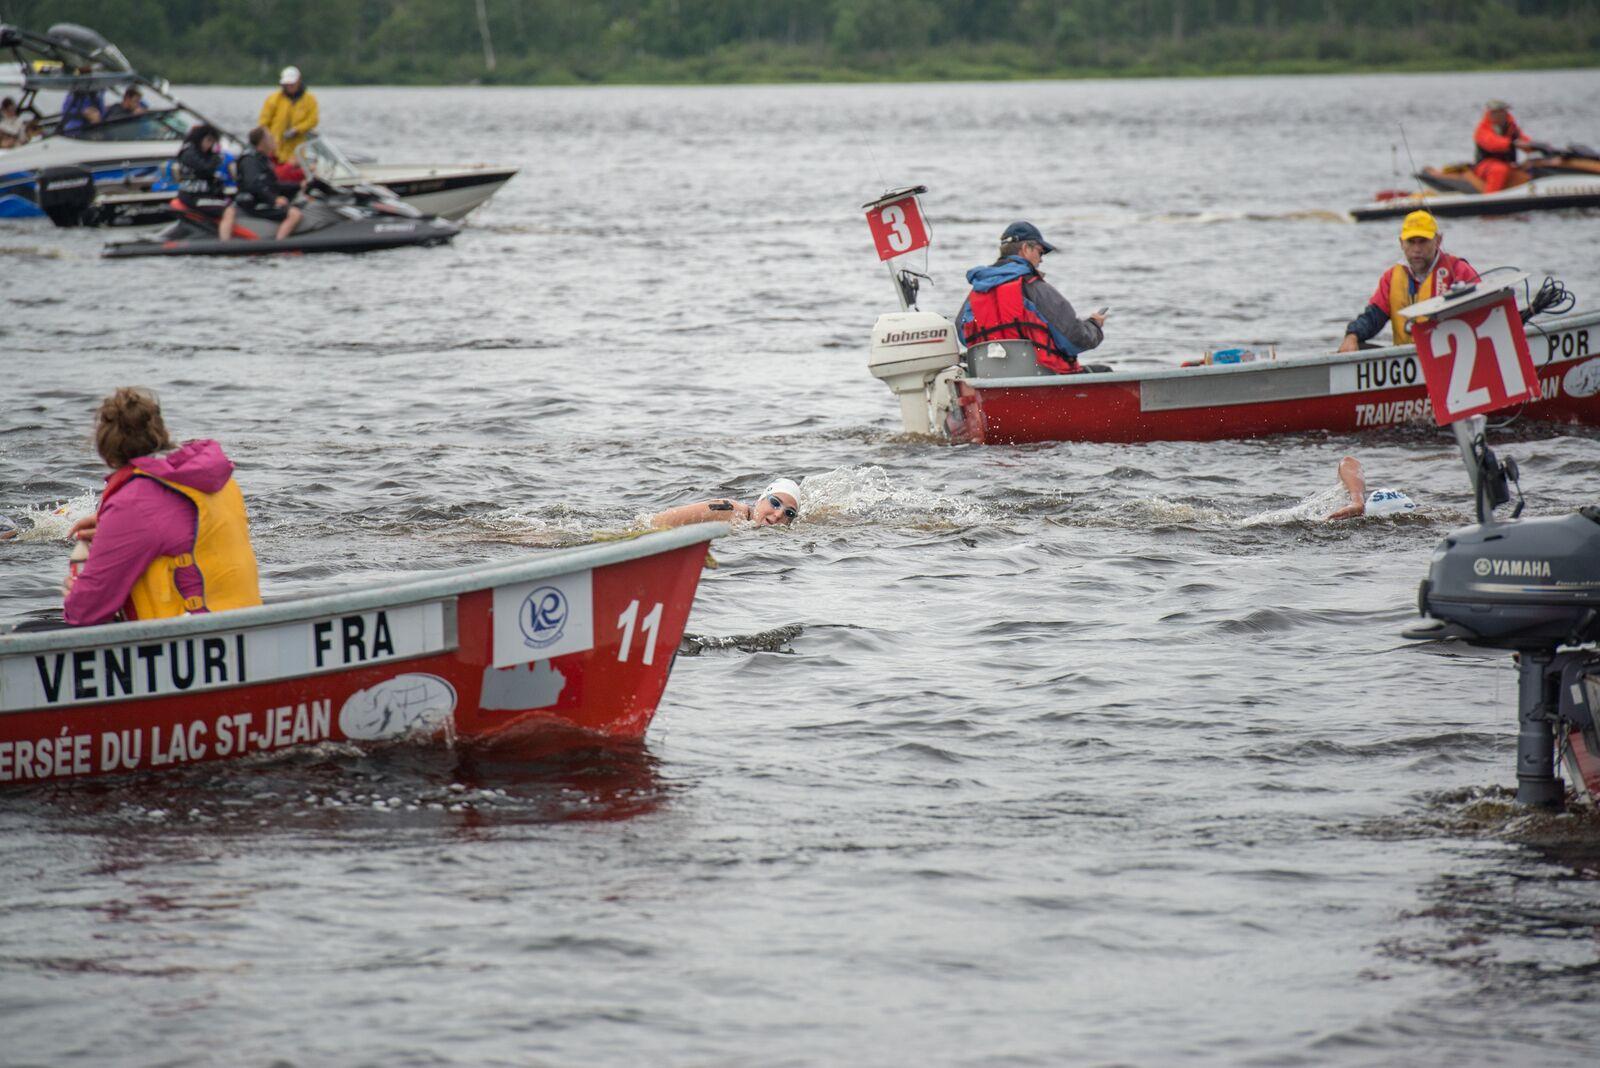 Crédit photo : Traversée internationale du lac St-Jean